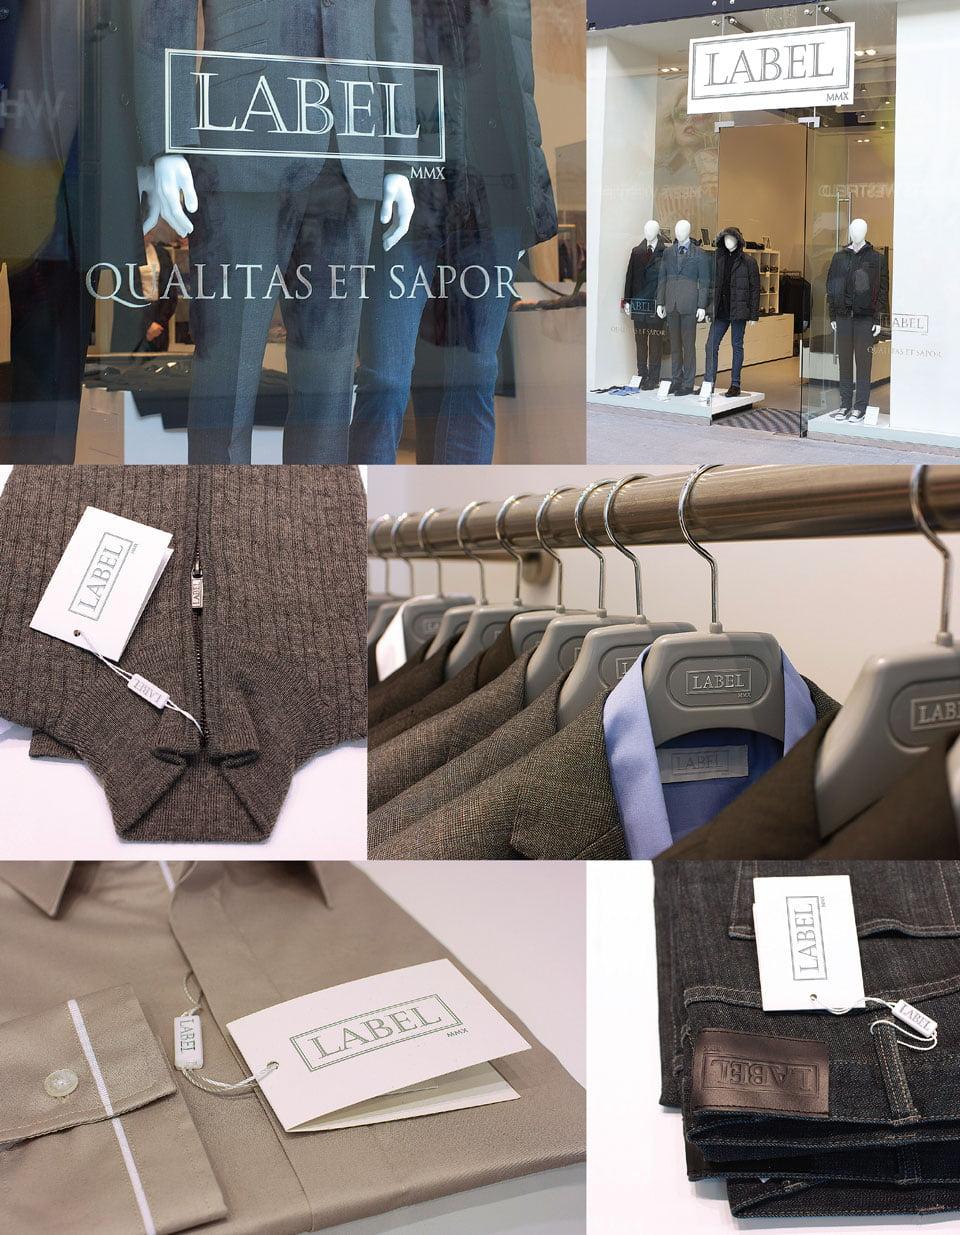 Label Clothes